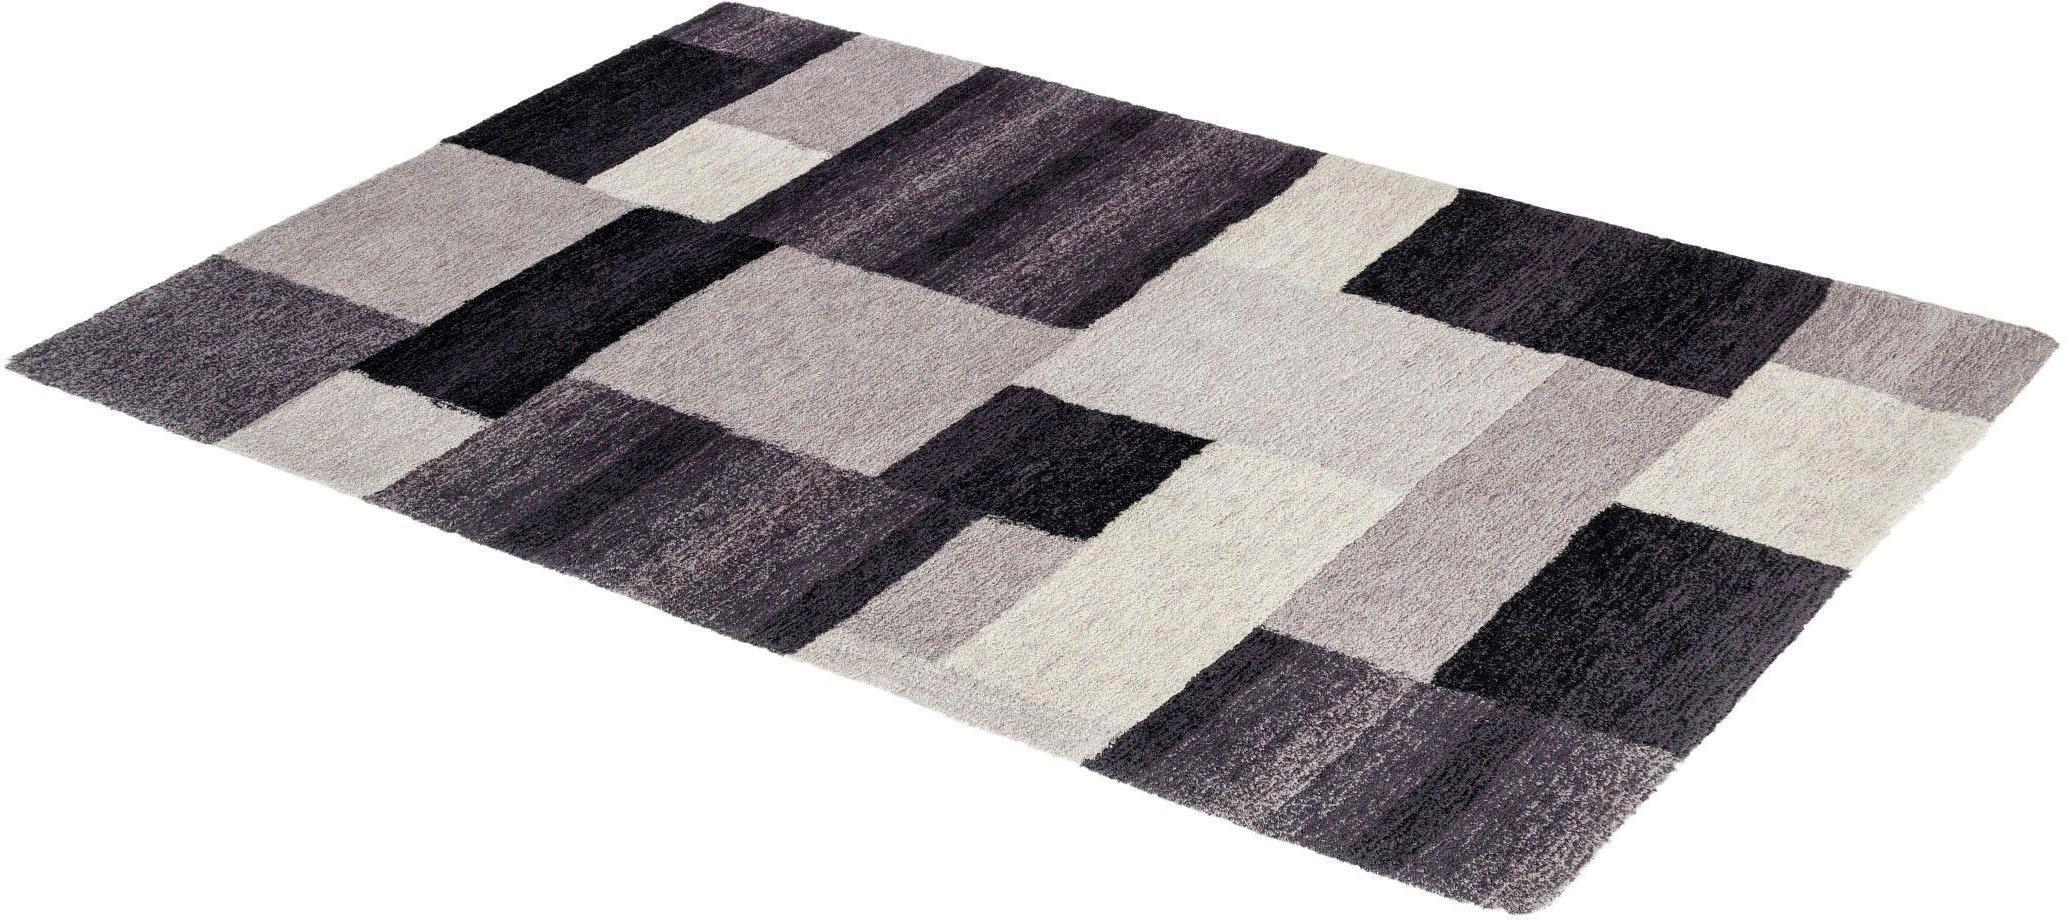 Hochflor-Teppich Livorno Karo ASTRA rechteckig Höhe 25 mm maschinell getuftet